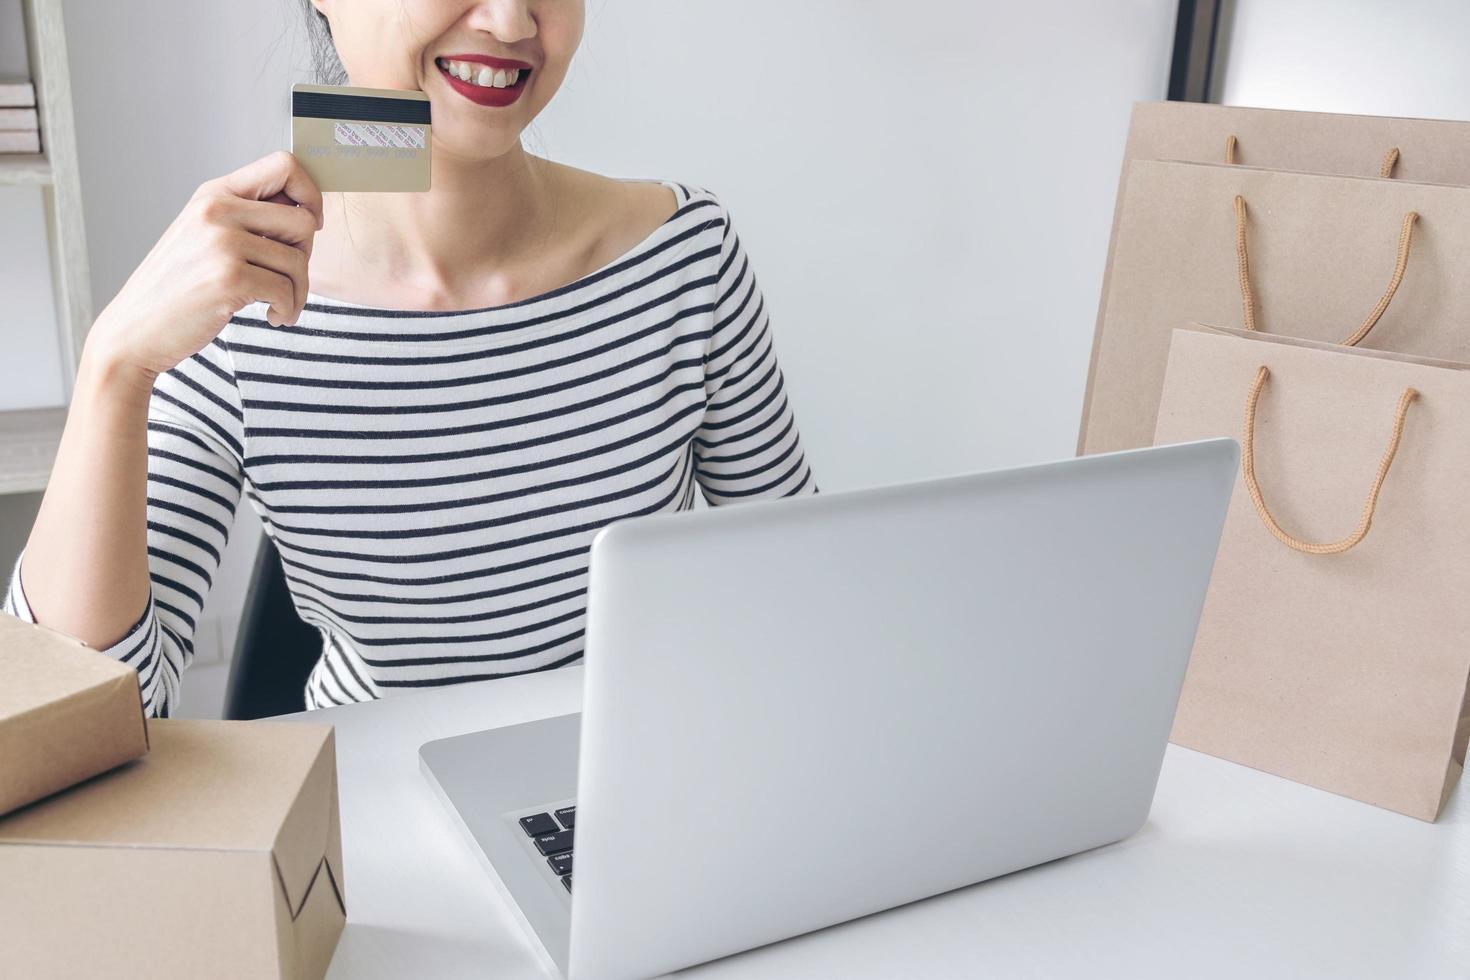 femme heureuse, achats en ligne photo